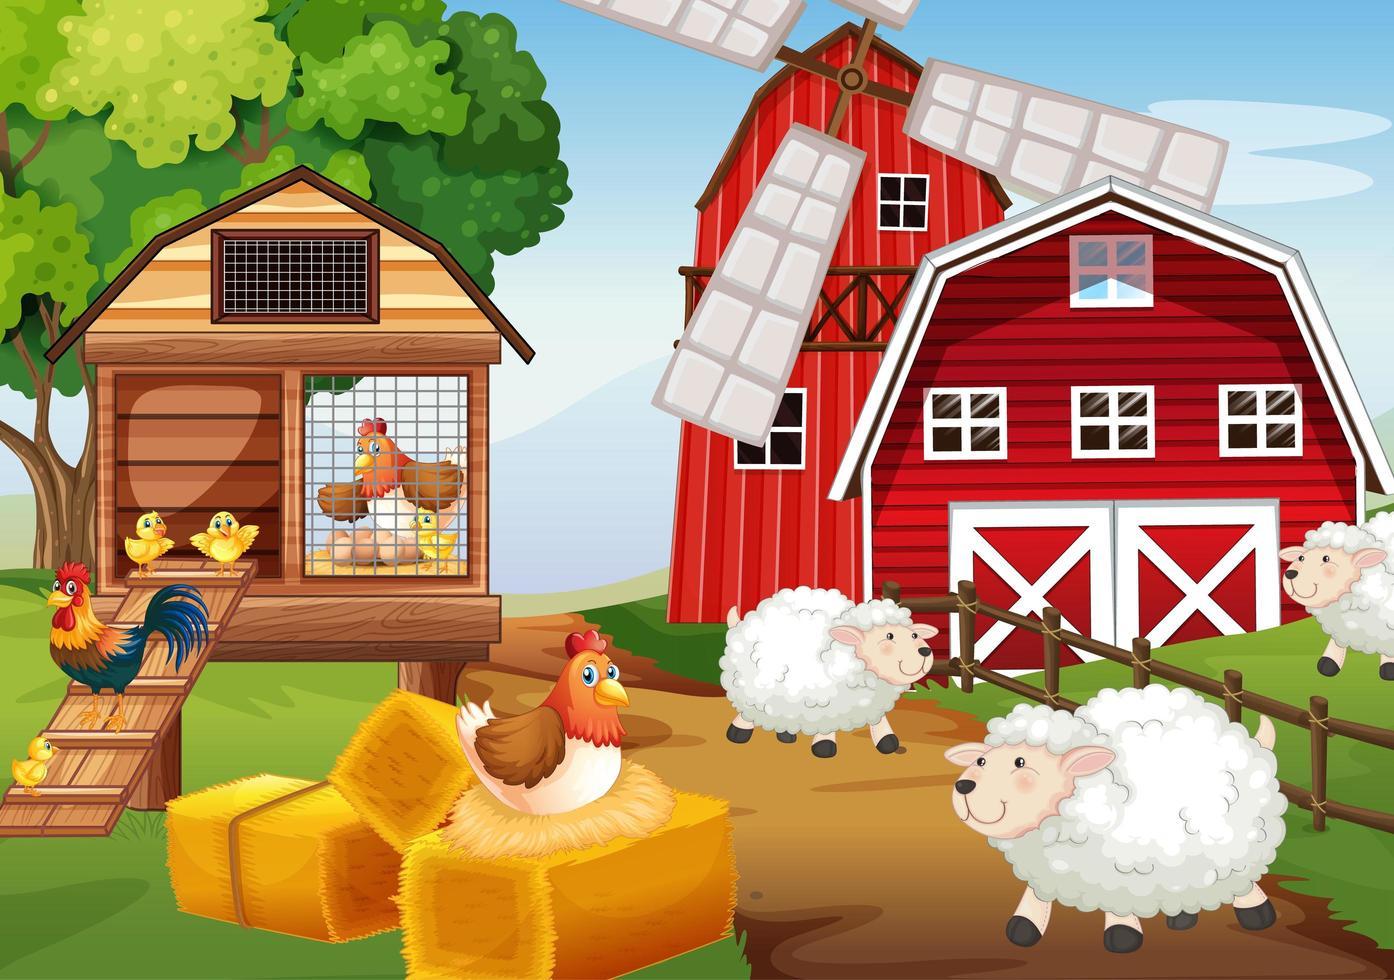 scène de ferme dans la nature avec grange et moulin à vent vecteur